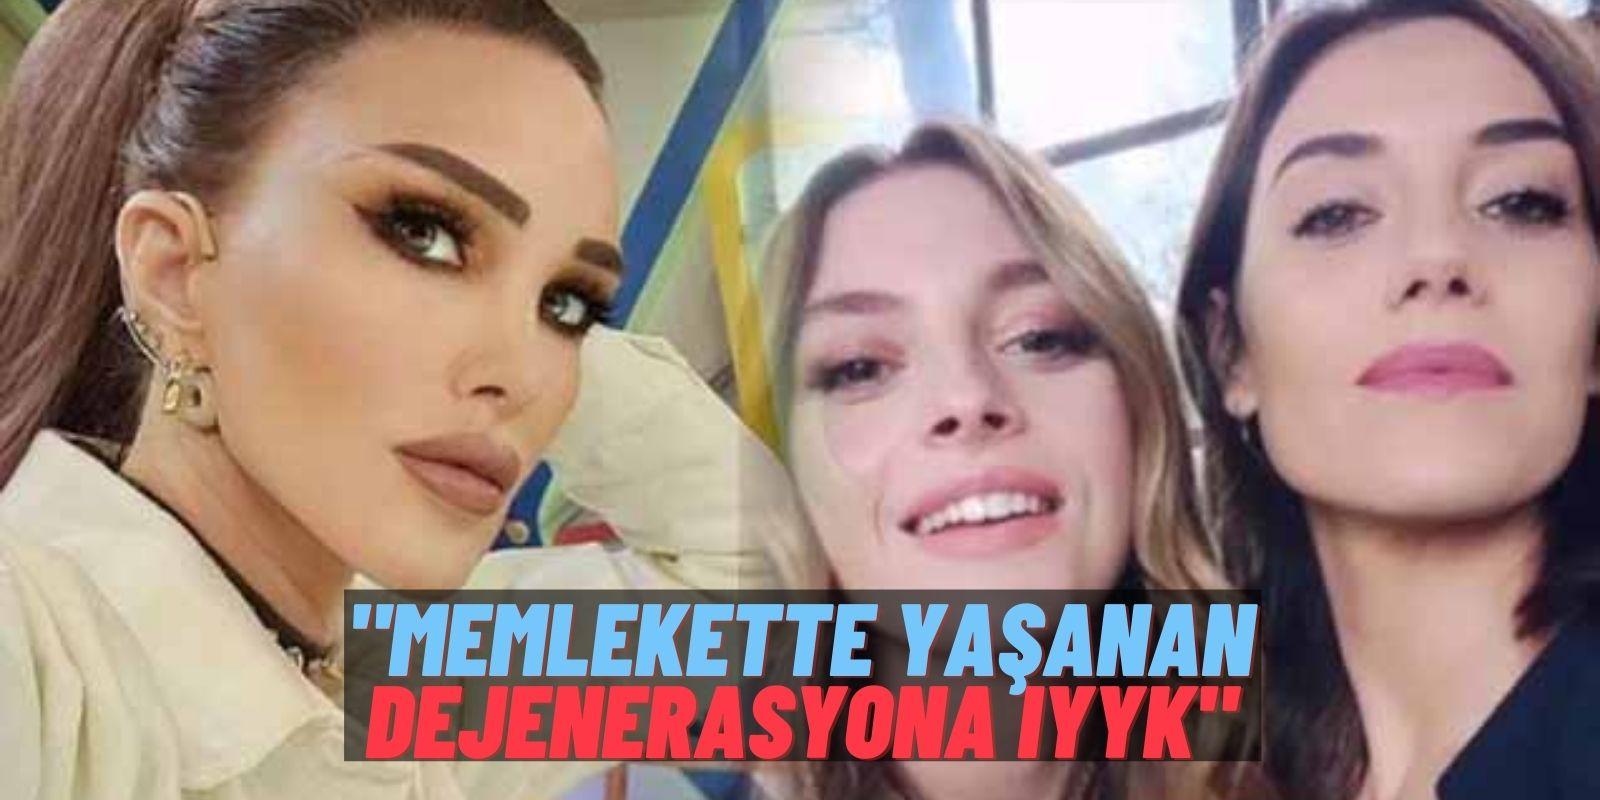 """Sadakatsiz Yine Delirtti! Seren Serengil Cansu Dere ve Melis Sezen'in Son Fotoğrafına """"Dejenerasyon"""" Dedi"""